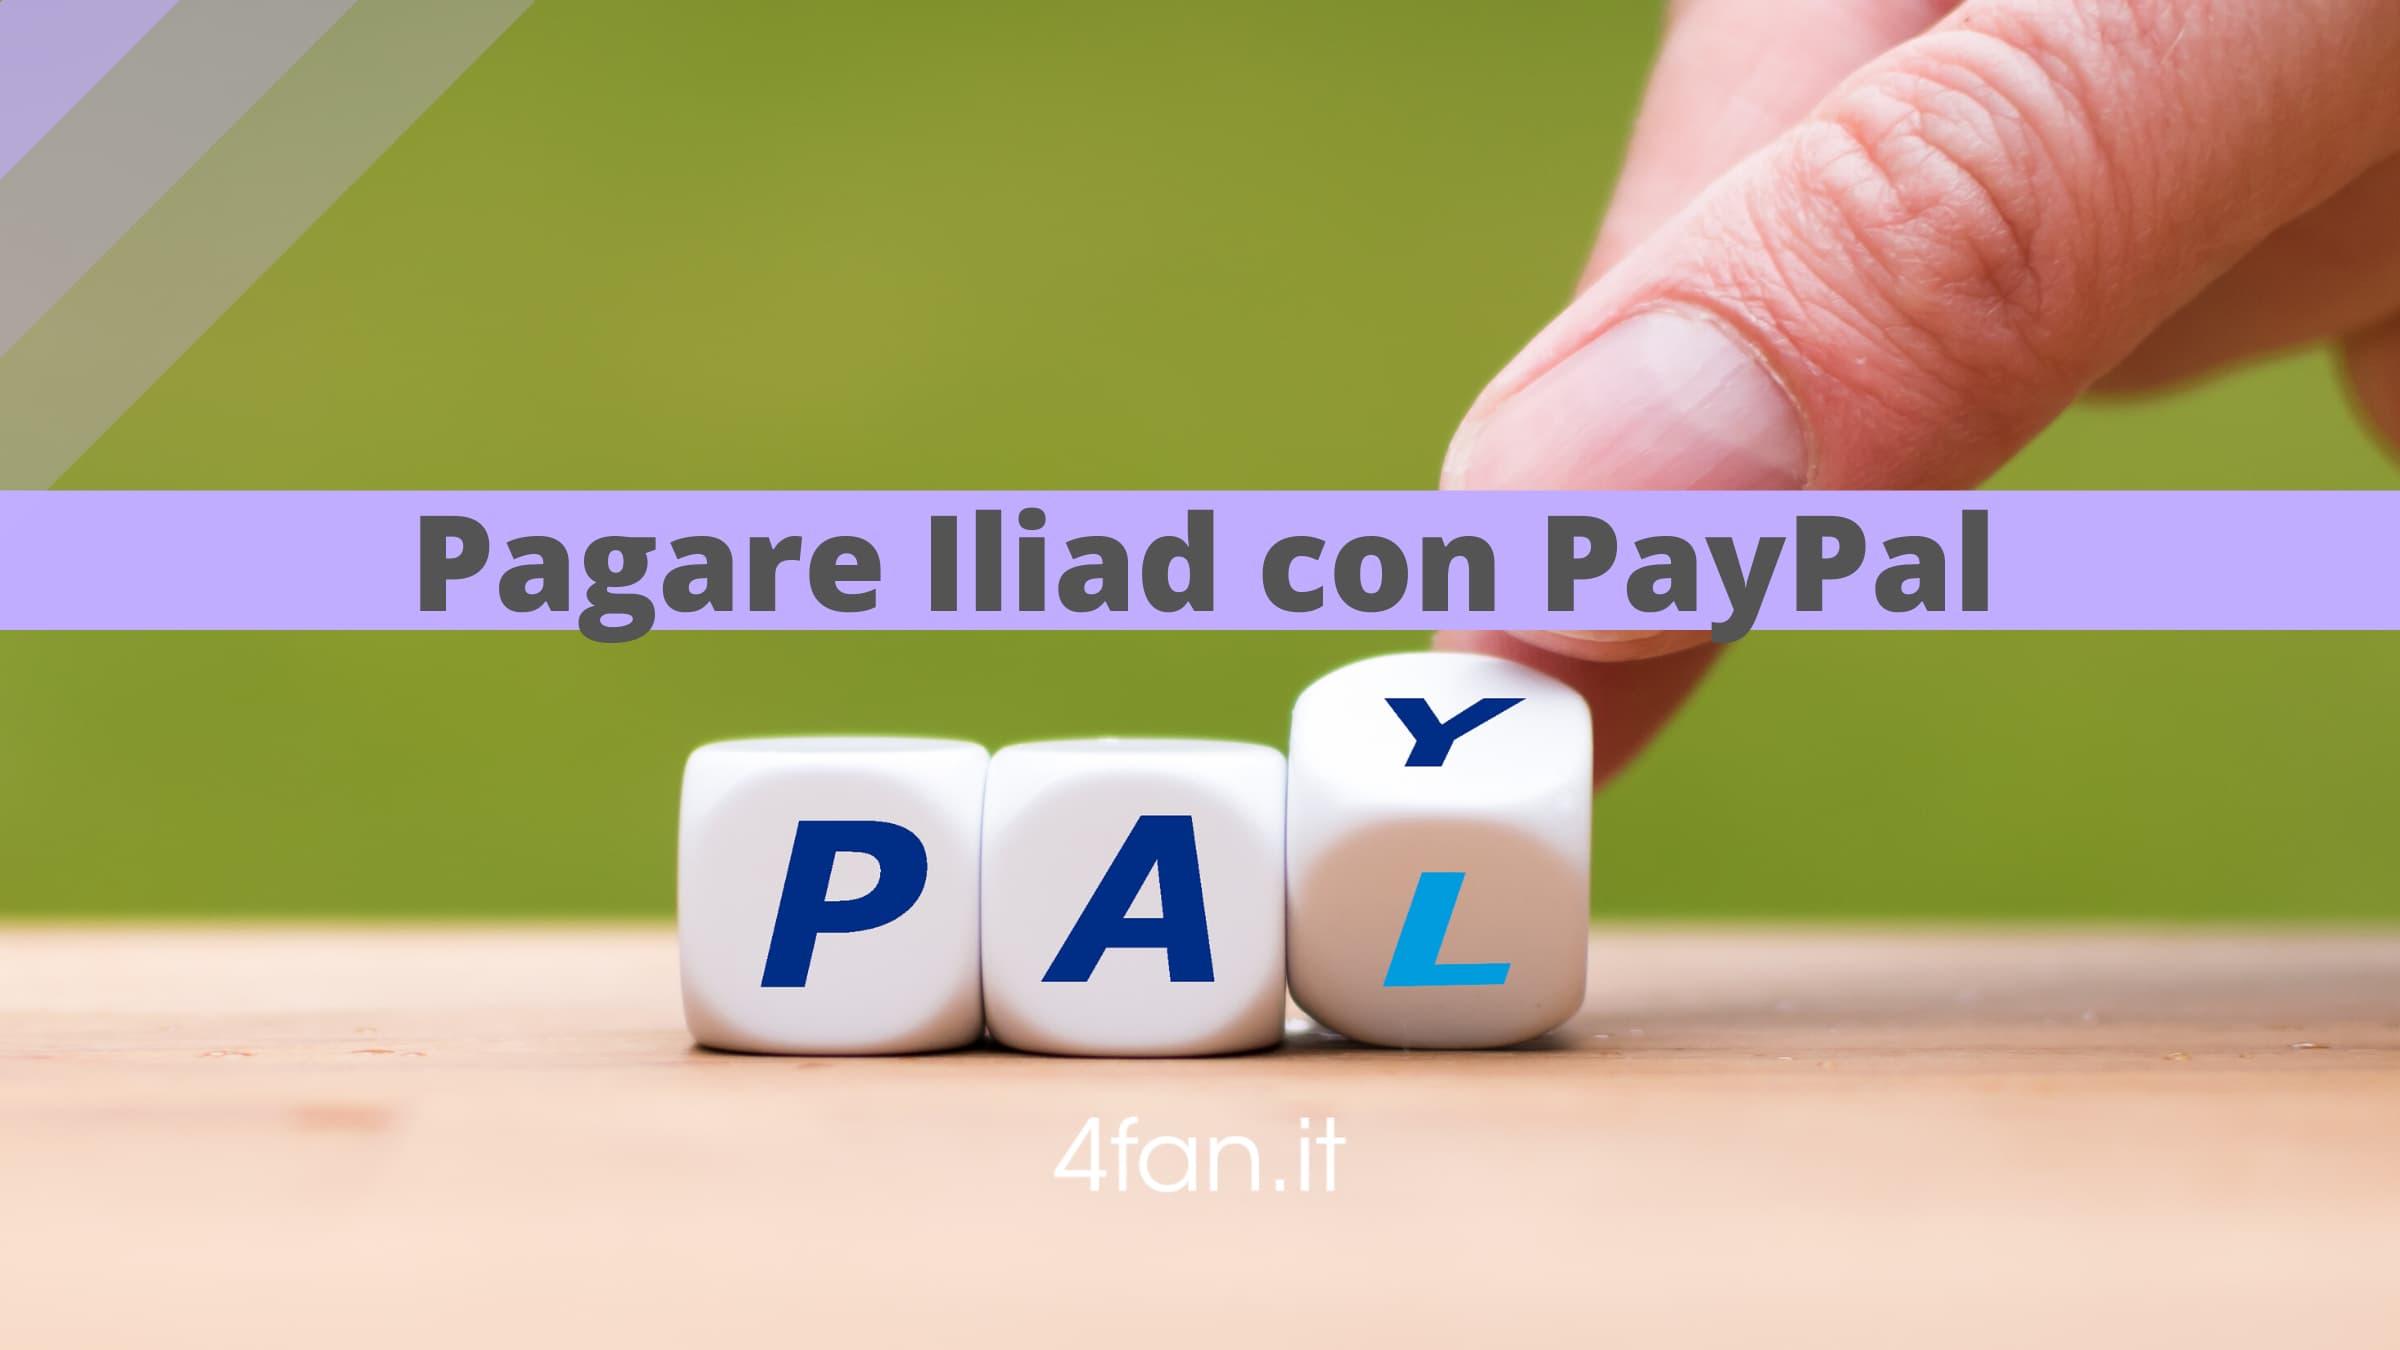 PayPal con Iliad